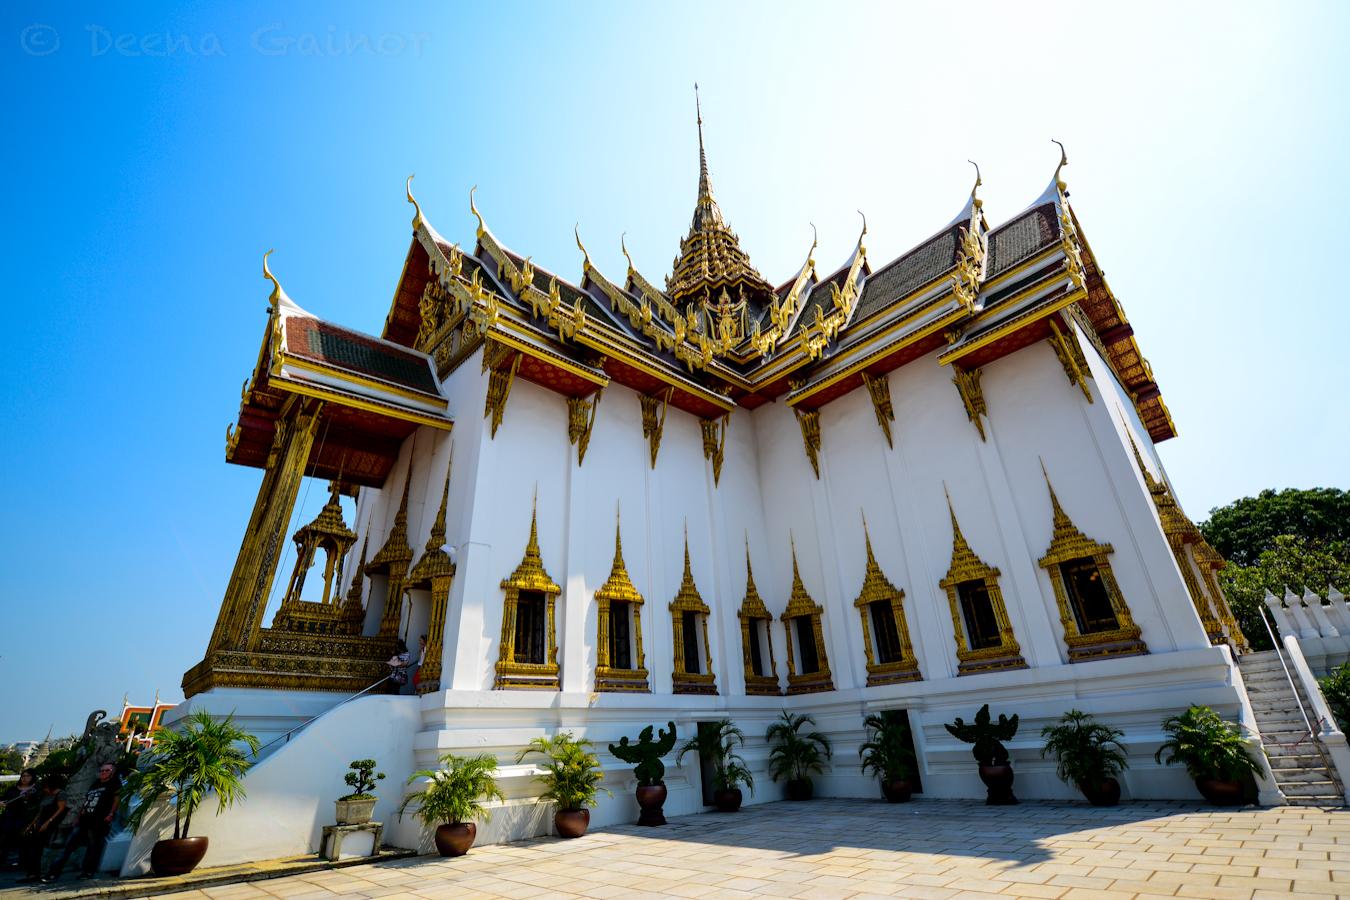 RTW Thailand Bangkok Grand Palace 2 wm.jpg